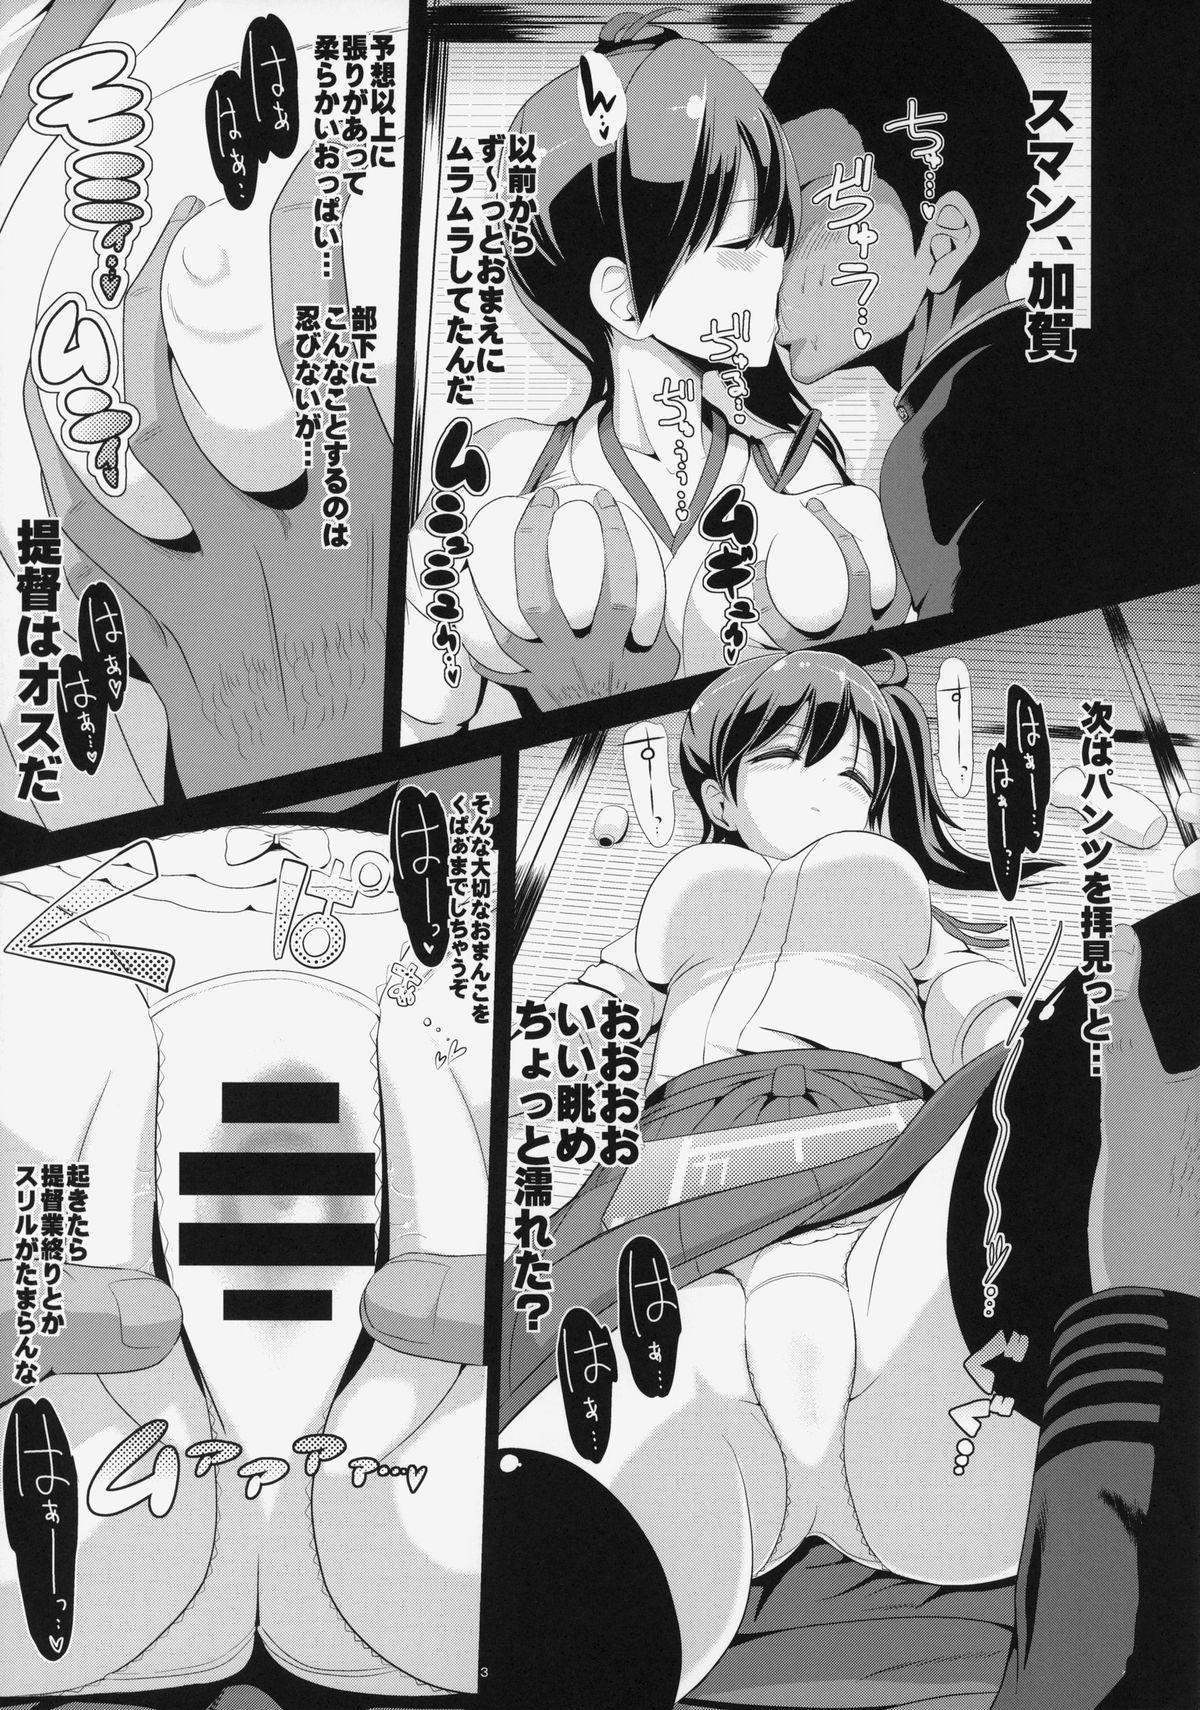 (SC64) [Haitokukan (Haitokukan, Poshi)] KanColle Suikan 2 -Chinmoku no Kantai- Kaga (Kantai Collection -KanColle-) 3